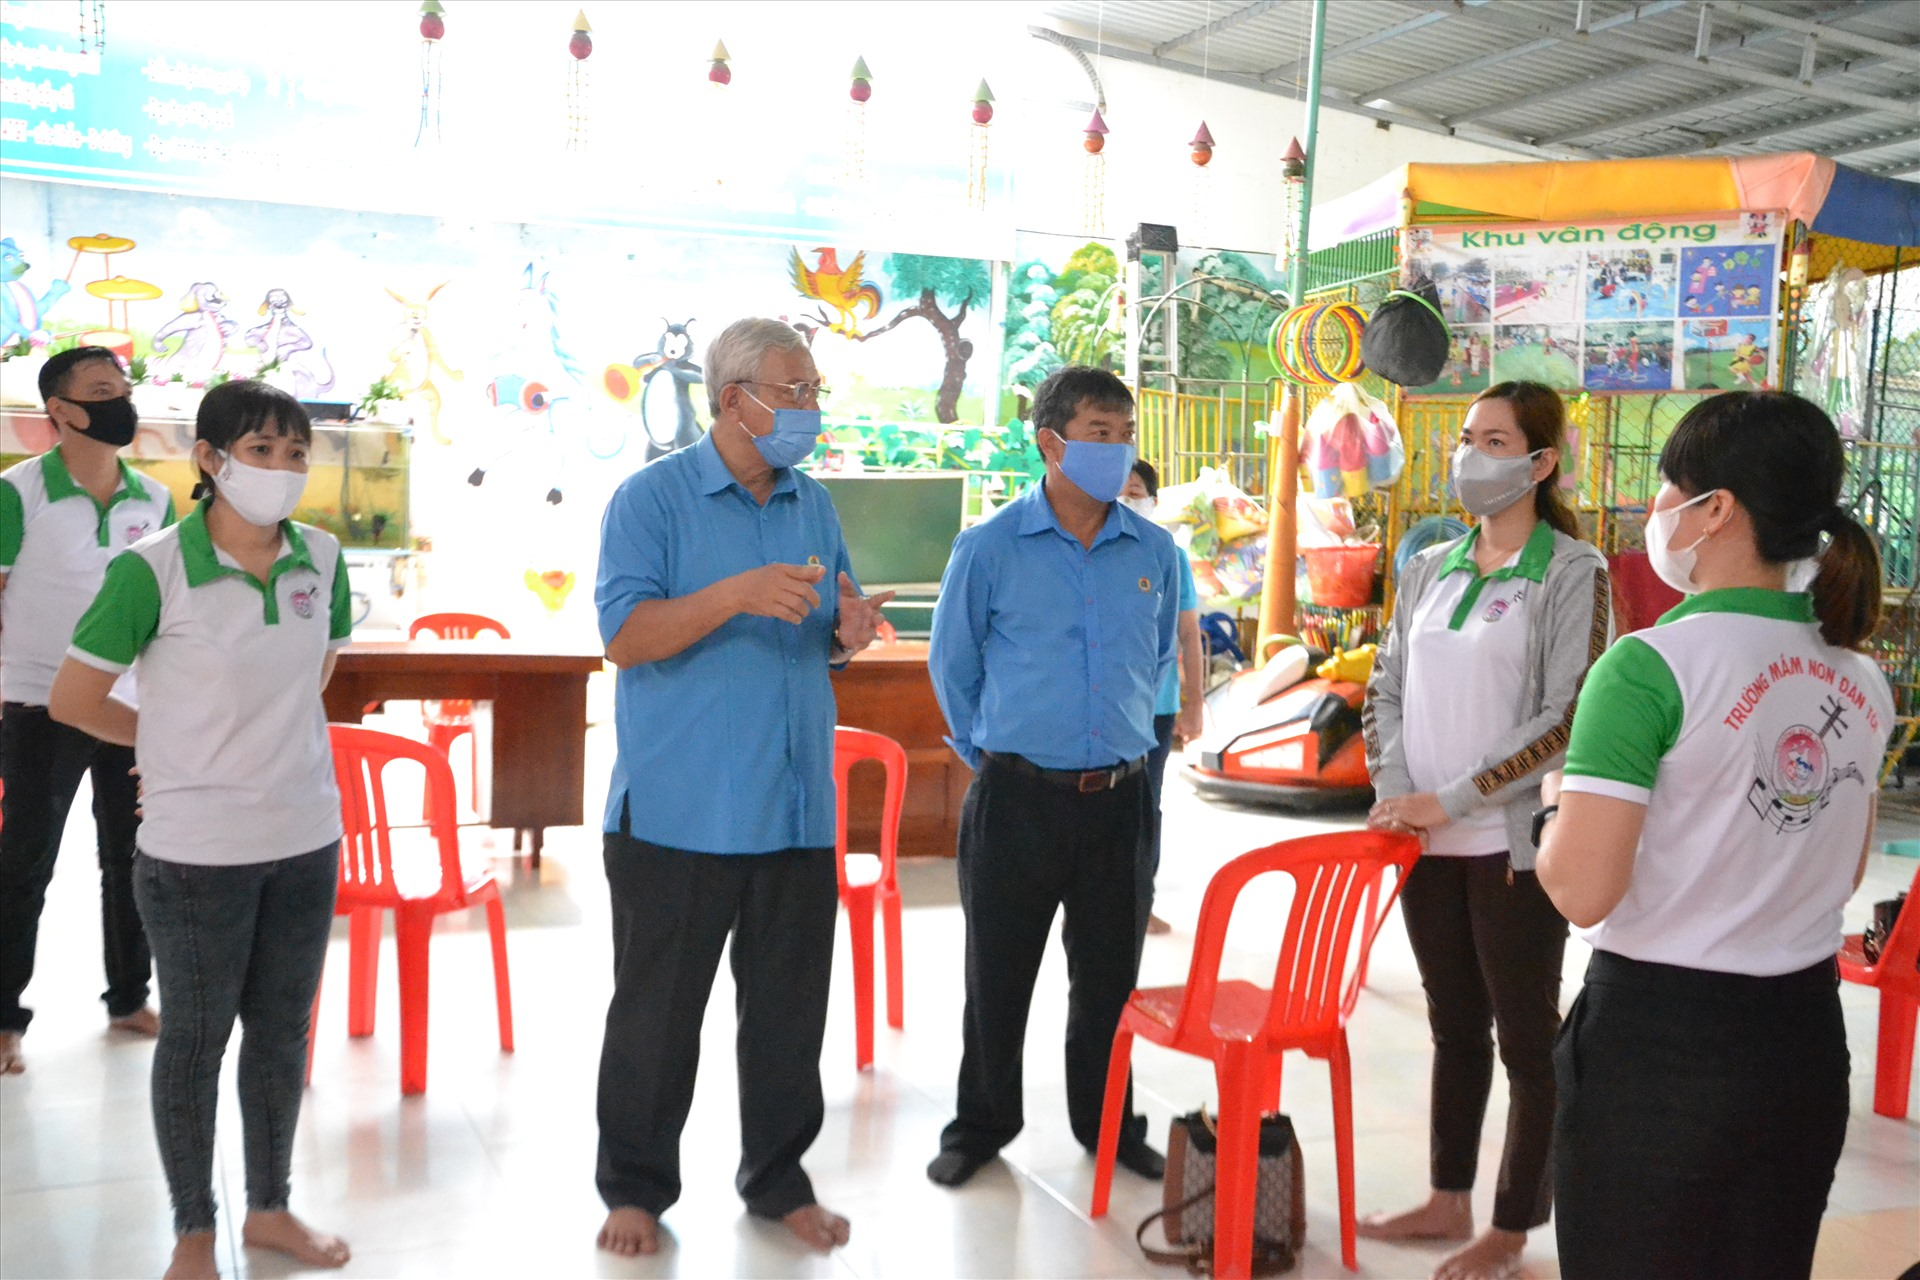 Chủ tịch LĐLĐ An Giang Nguyễn Thiện Phú trao đổi với giáo viên Trường Mầm non tư thục Đàn Tôi. Ảnh: LT